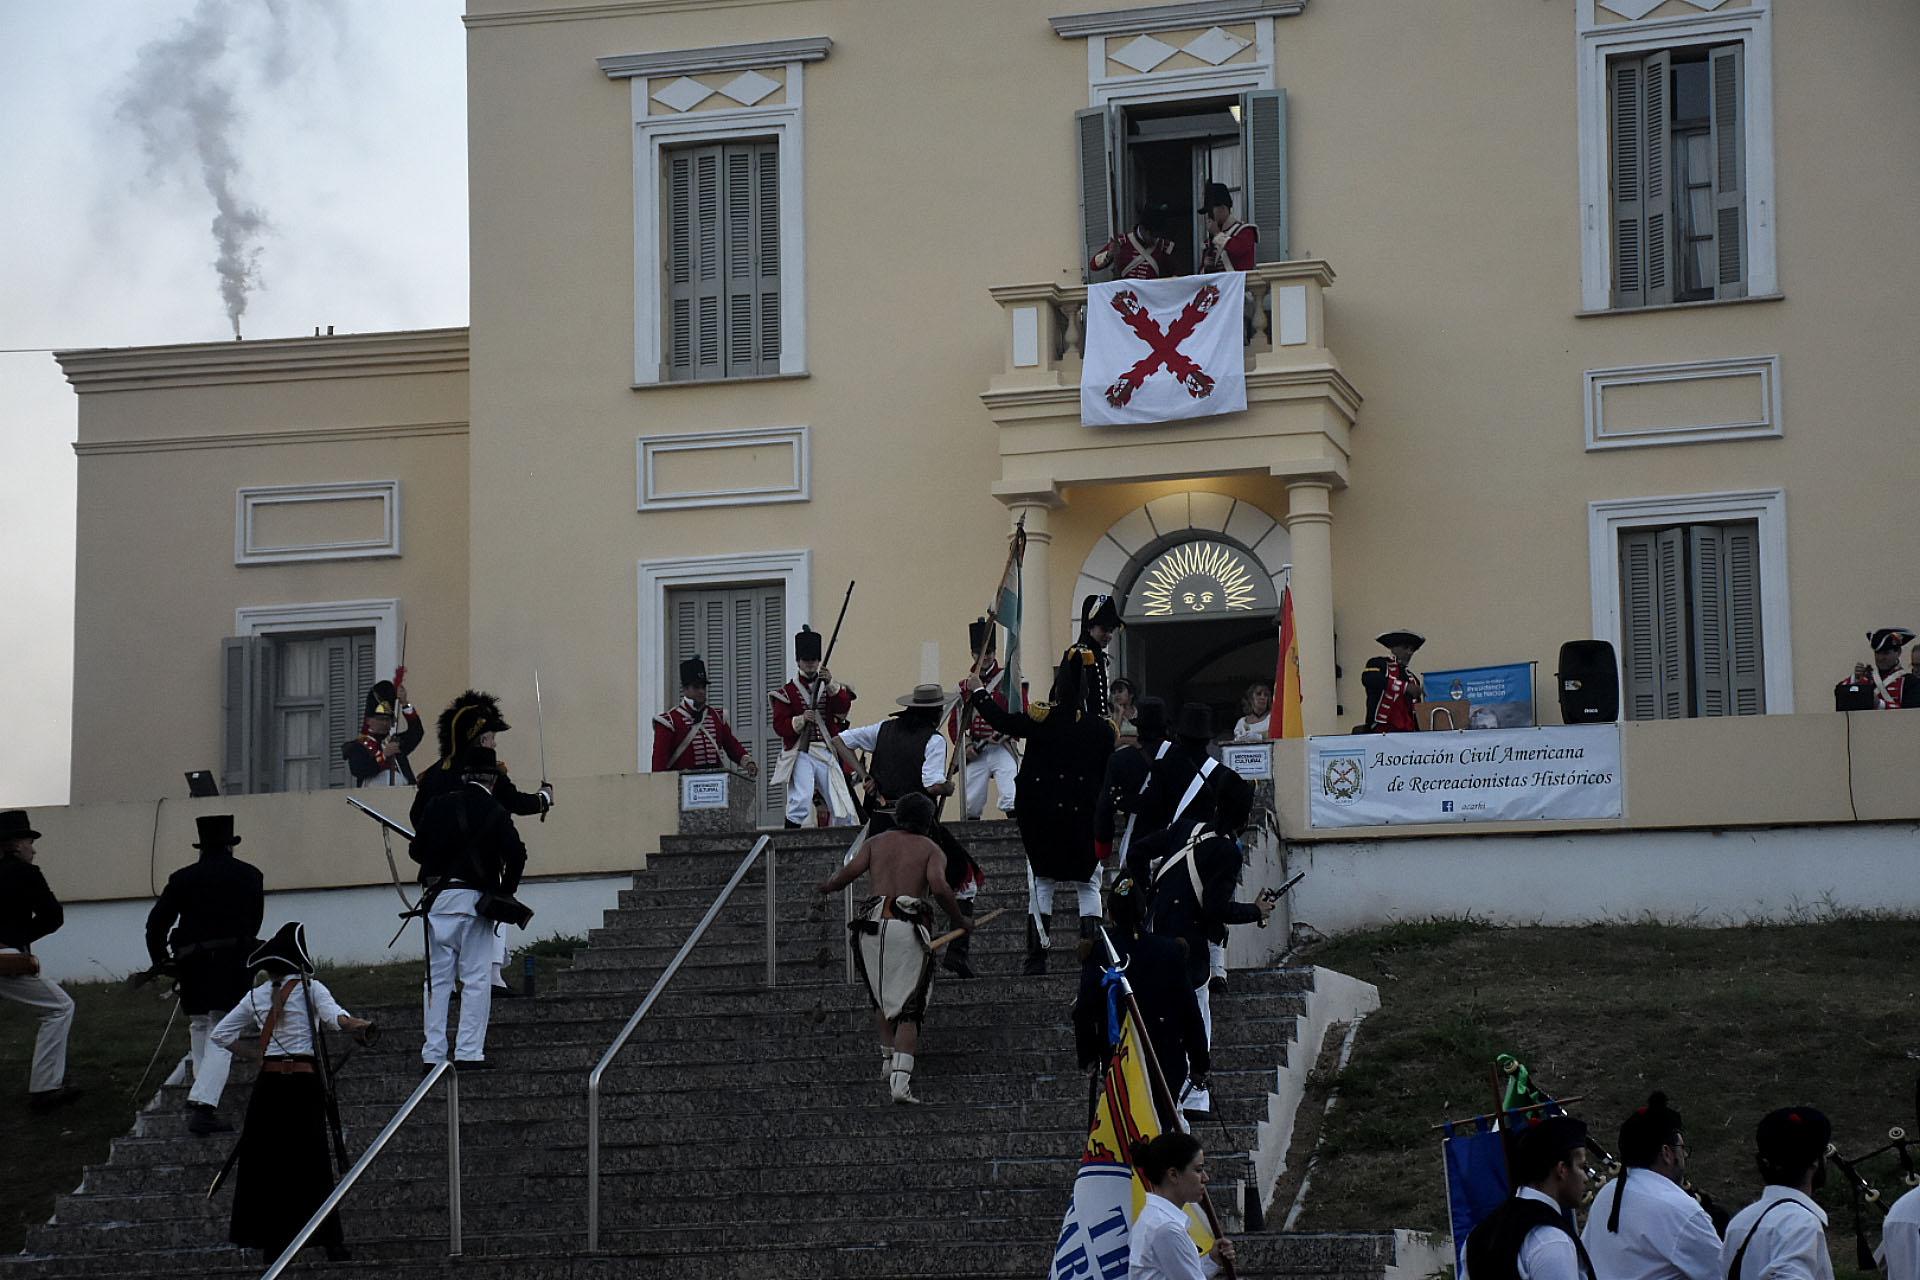 El evento se realizó con fondos obtenidos bajo el Régimen de Promoción Cultural Ley Nº 2064, de la Ciudad Autónoma de Buenos Aires